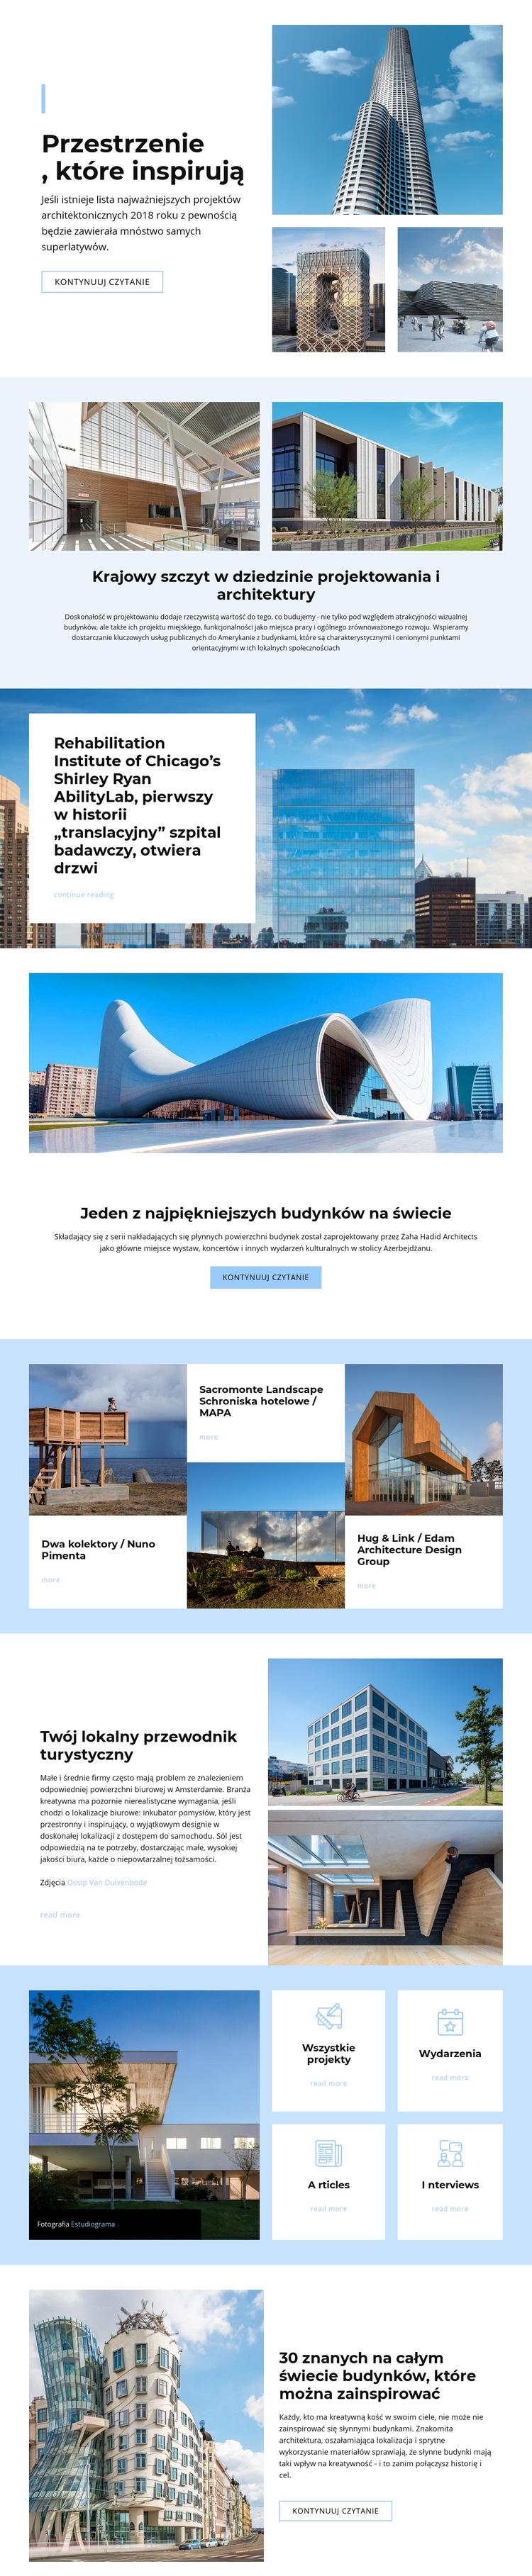 Architektura inspirowana kosmosem Szablon witryny sieci Web